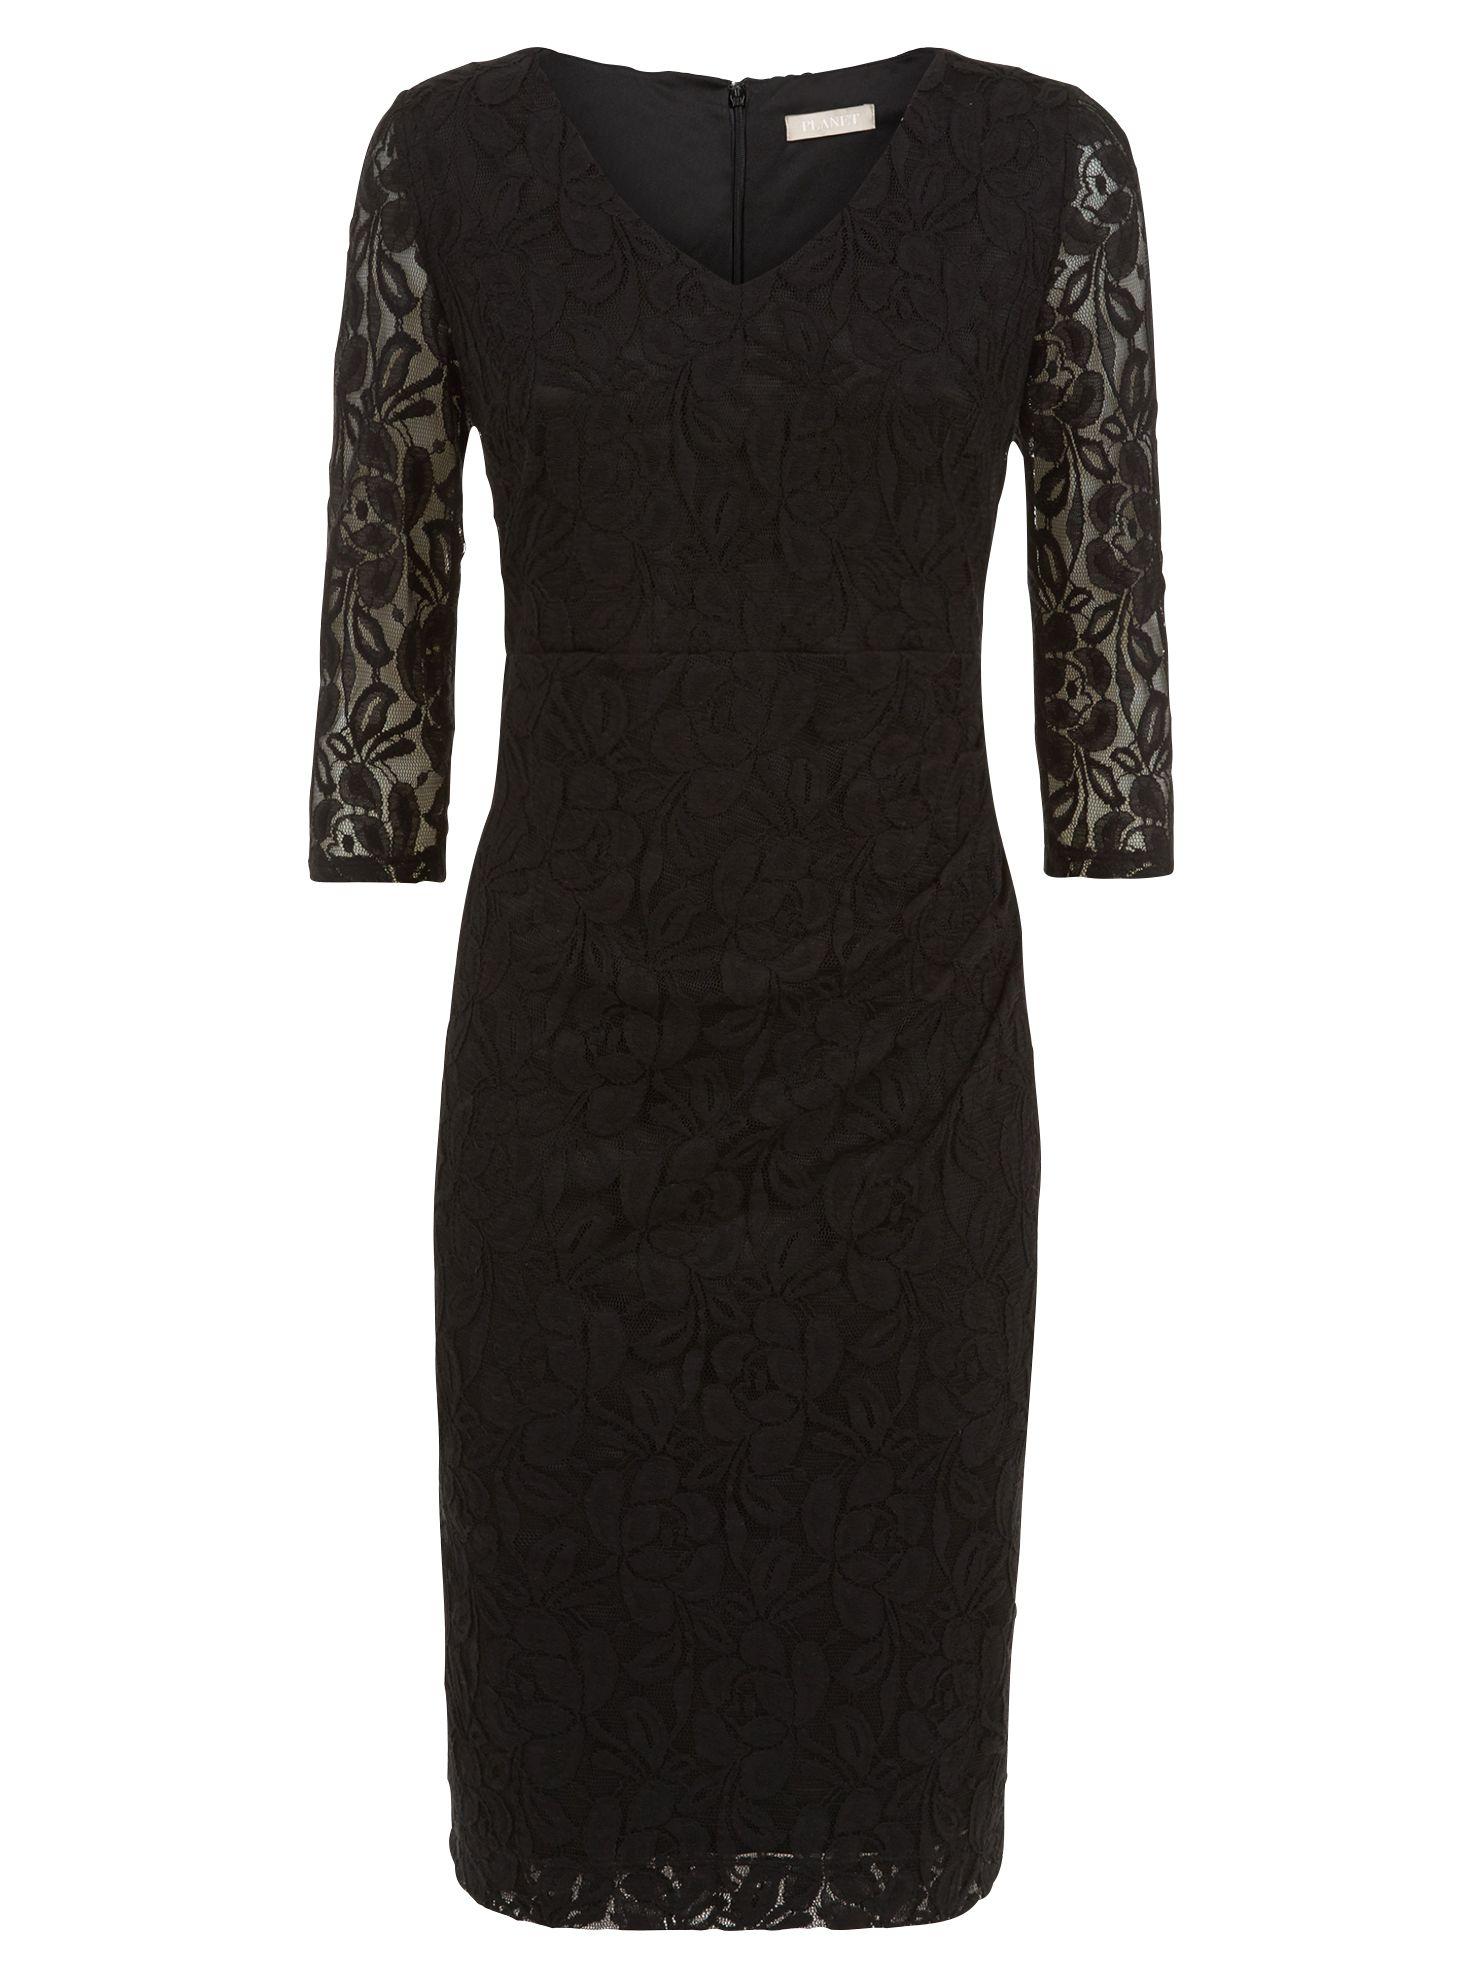 planet lace dress black, planet, lace, dress, black, 14|8|10|18|16|12|20, women, plus size, womens dresses, special offers, womenswear offers, womens dresses offers, 1897176